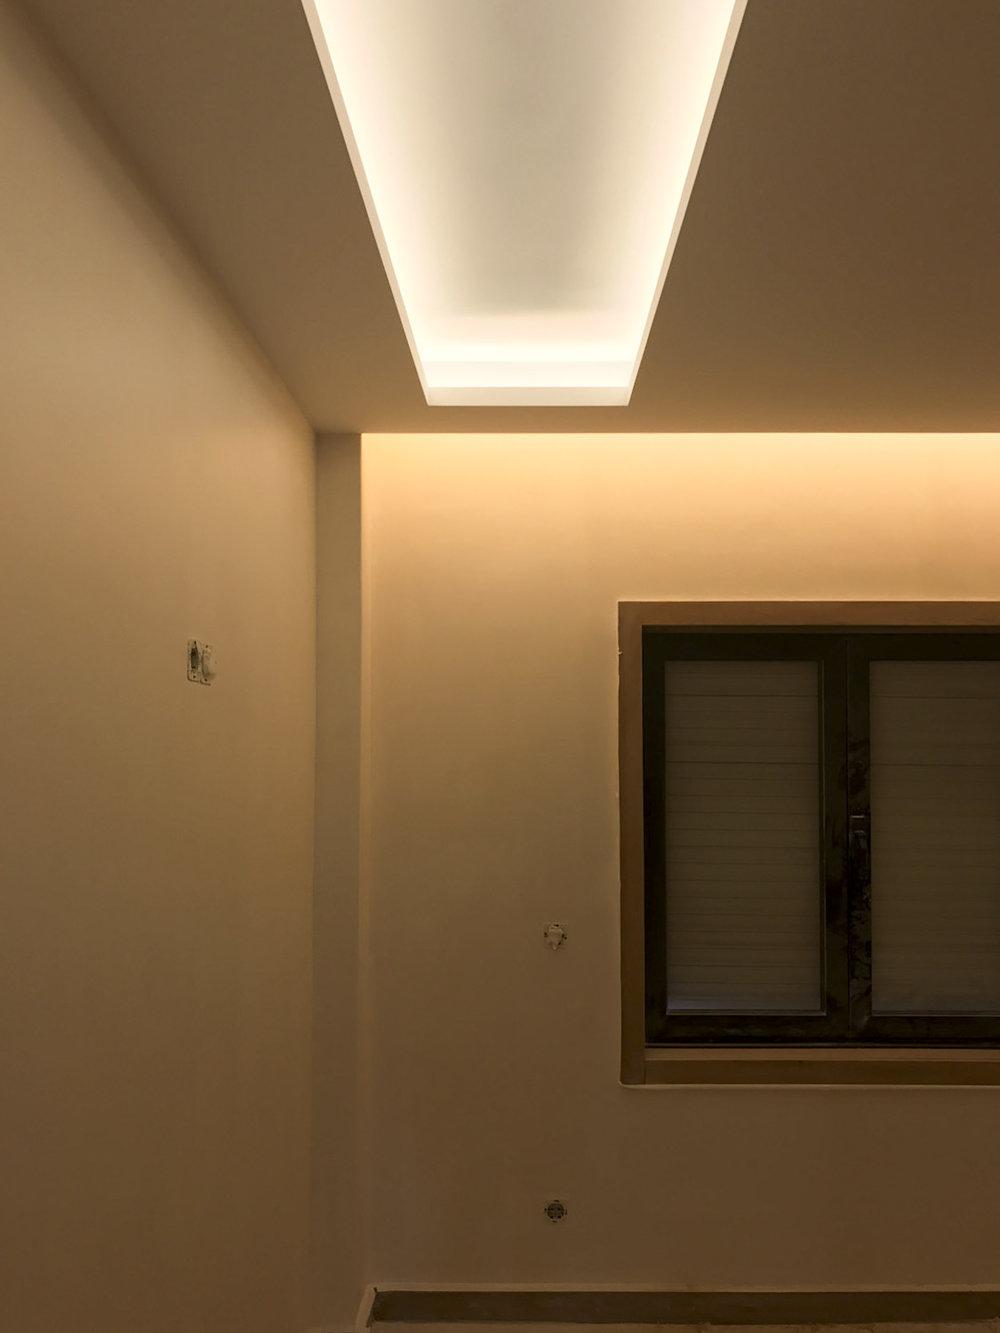 Apartamento Azul Farol - Porto - EVA evolutionary architecture - EVA atelier - Arquitecto - Remodelação (12).jpg